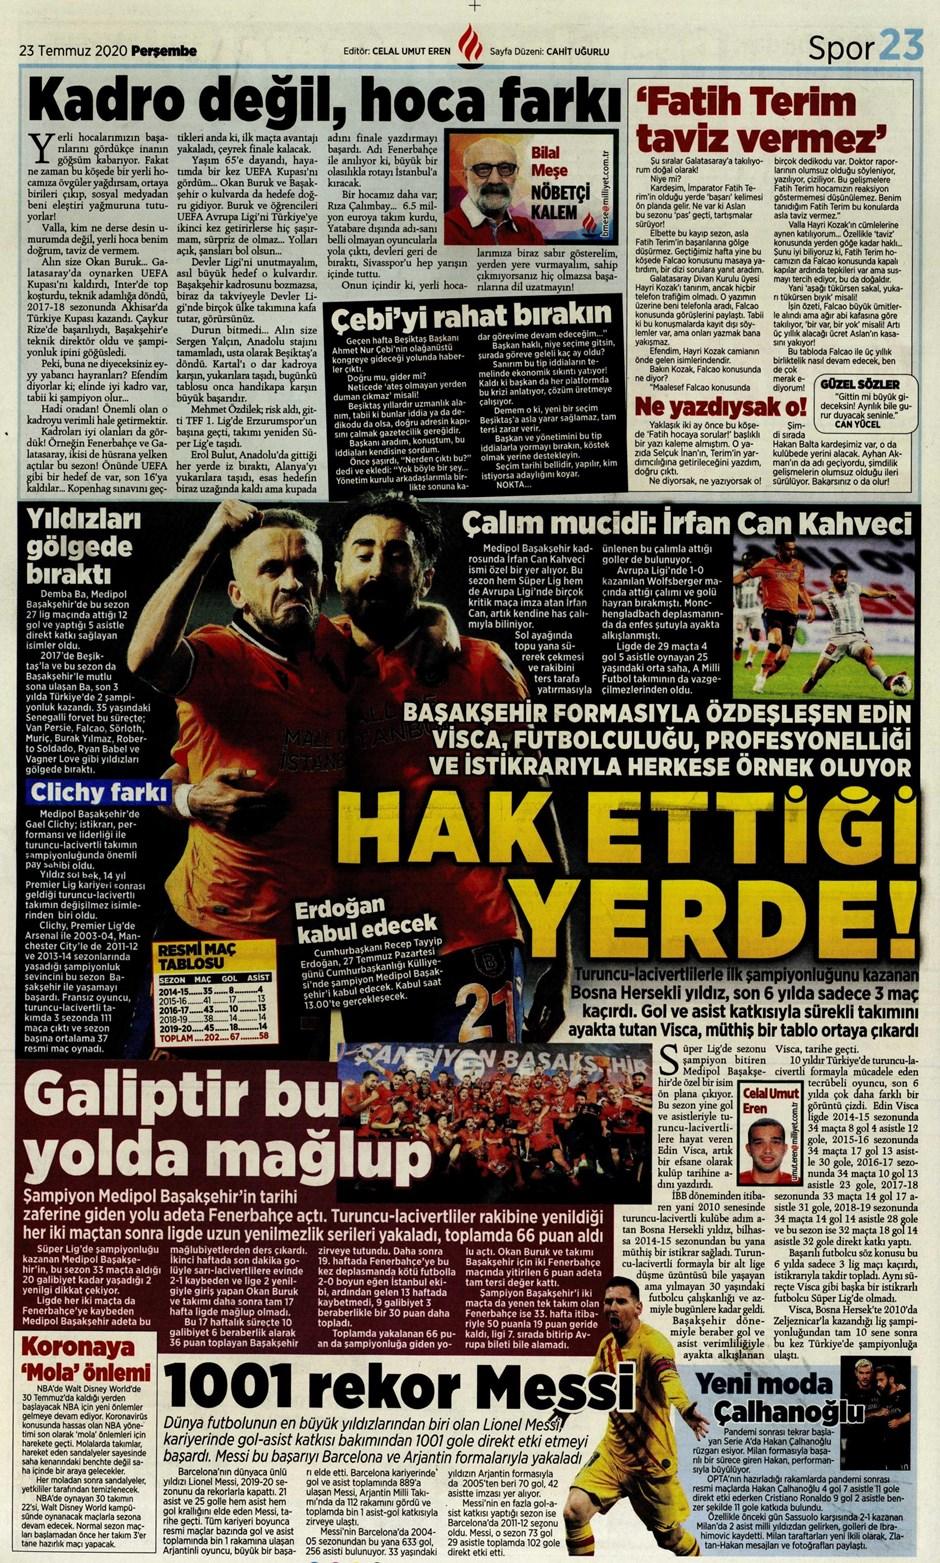 İşte 23 Temmuz günün spor manşetleri! Haftanın önemli spor gelişmeleri 21